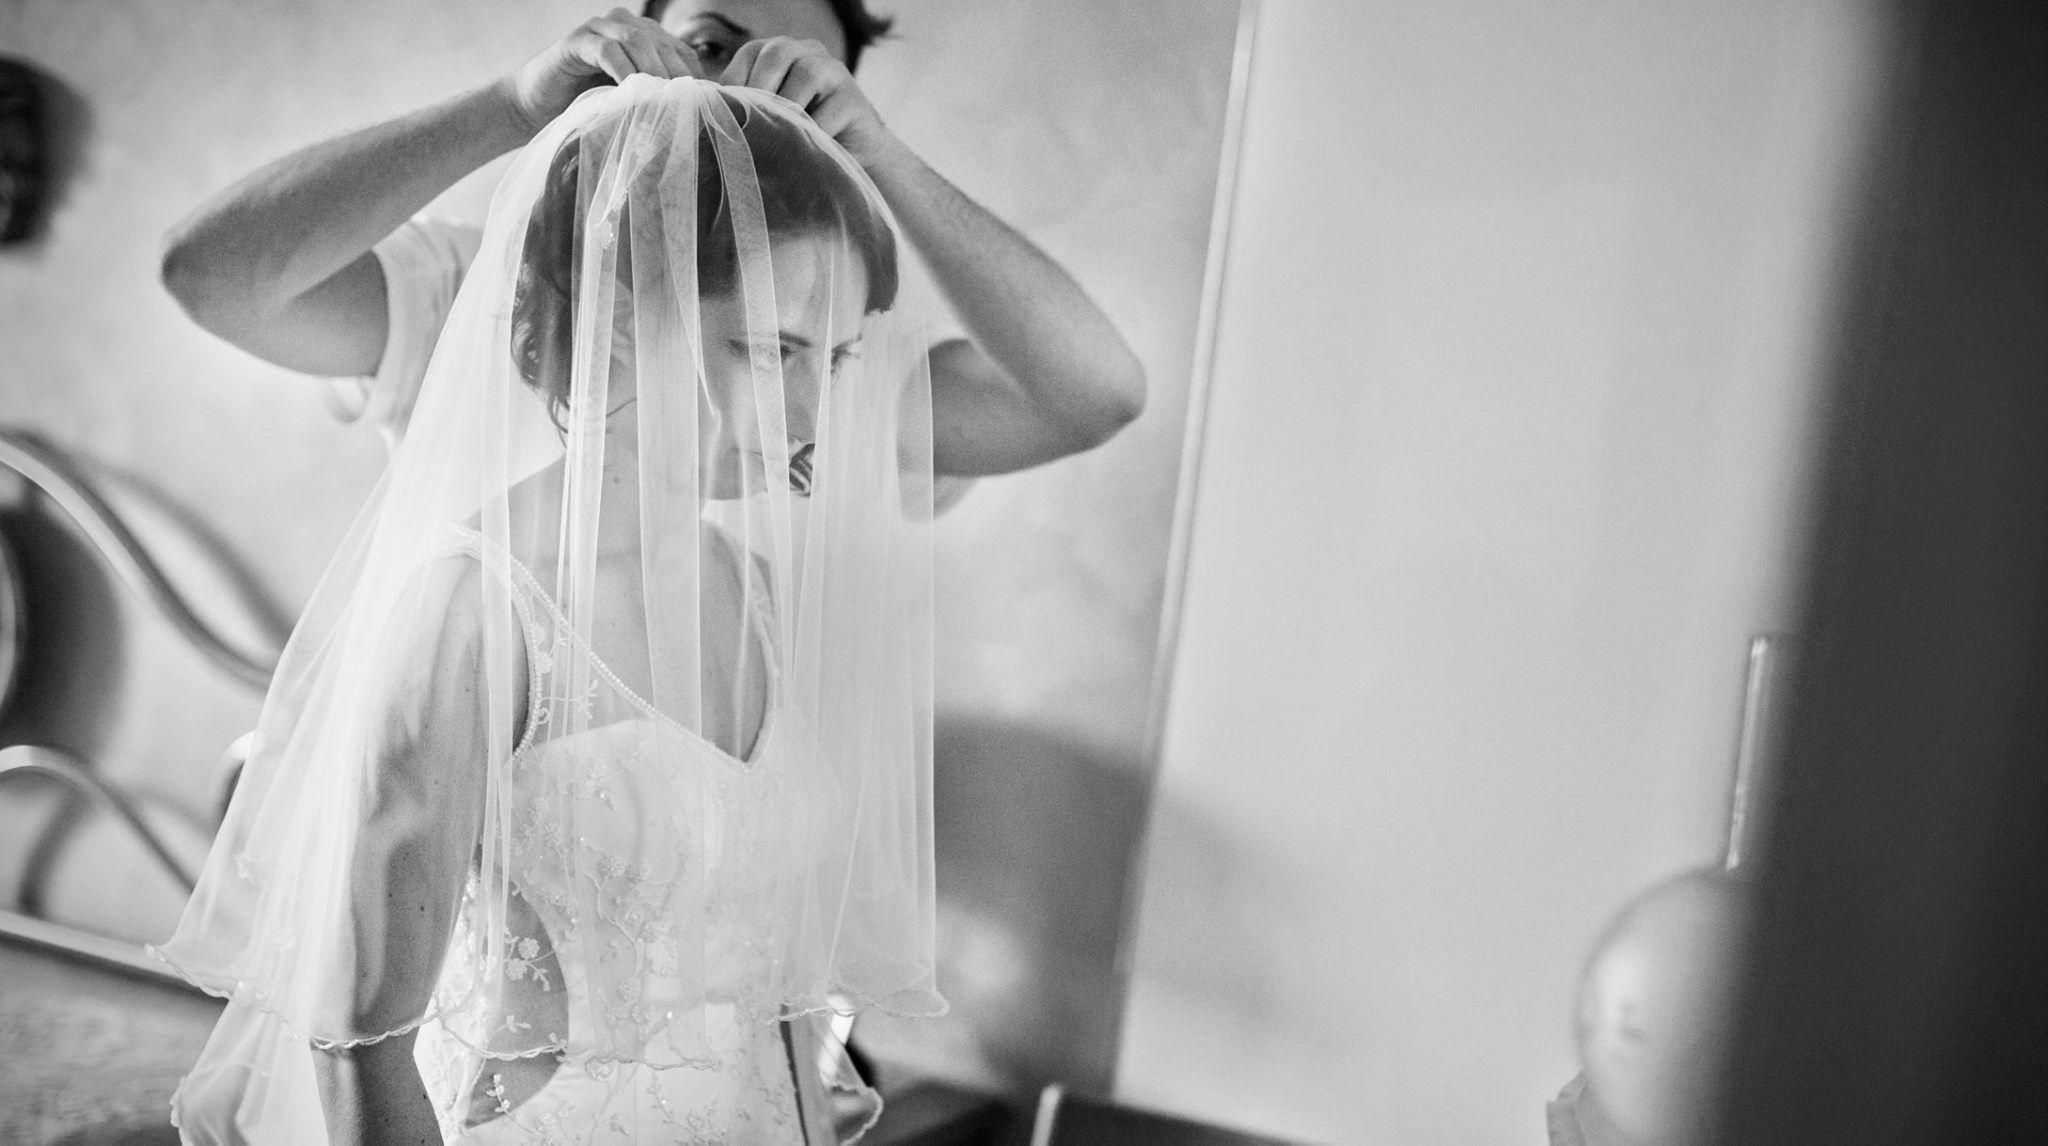 Wedding in Bari - Getting ready | Morlotti Studio #fotografomatrimonio #morlottistudio #weddingphotographer #wedding #bari #weddingdress